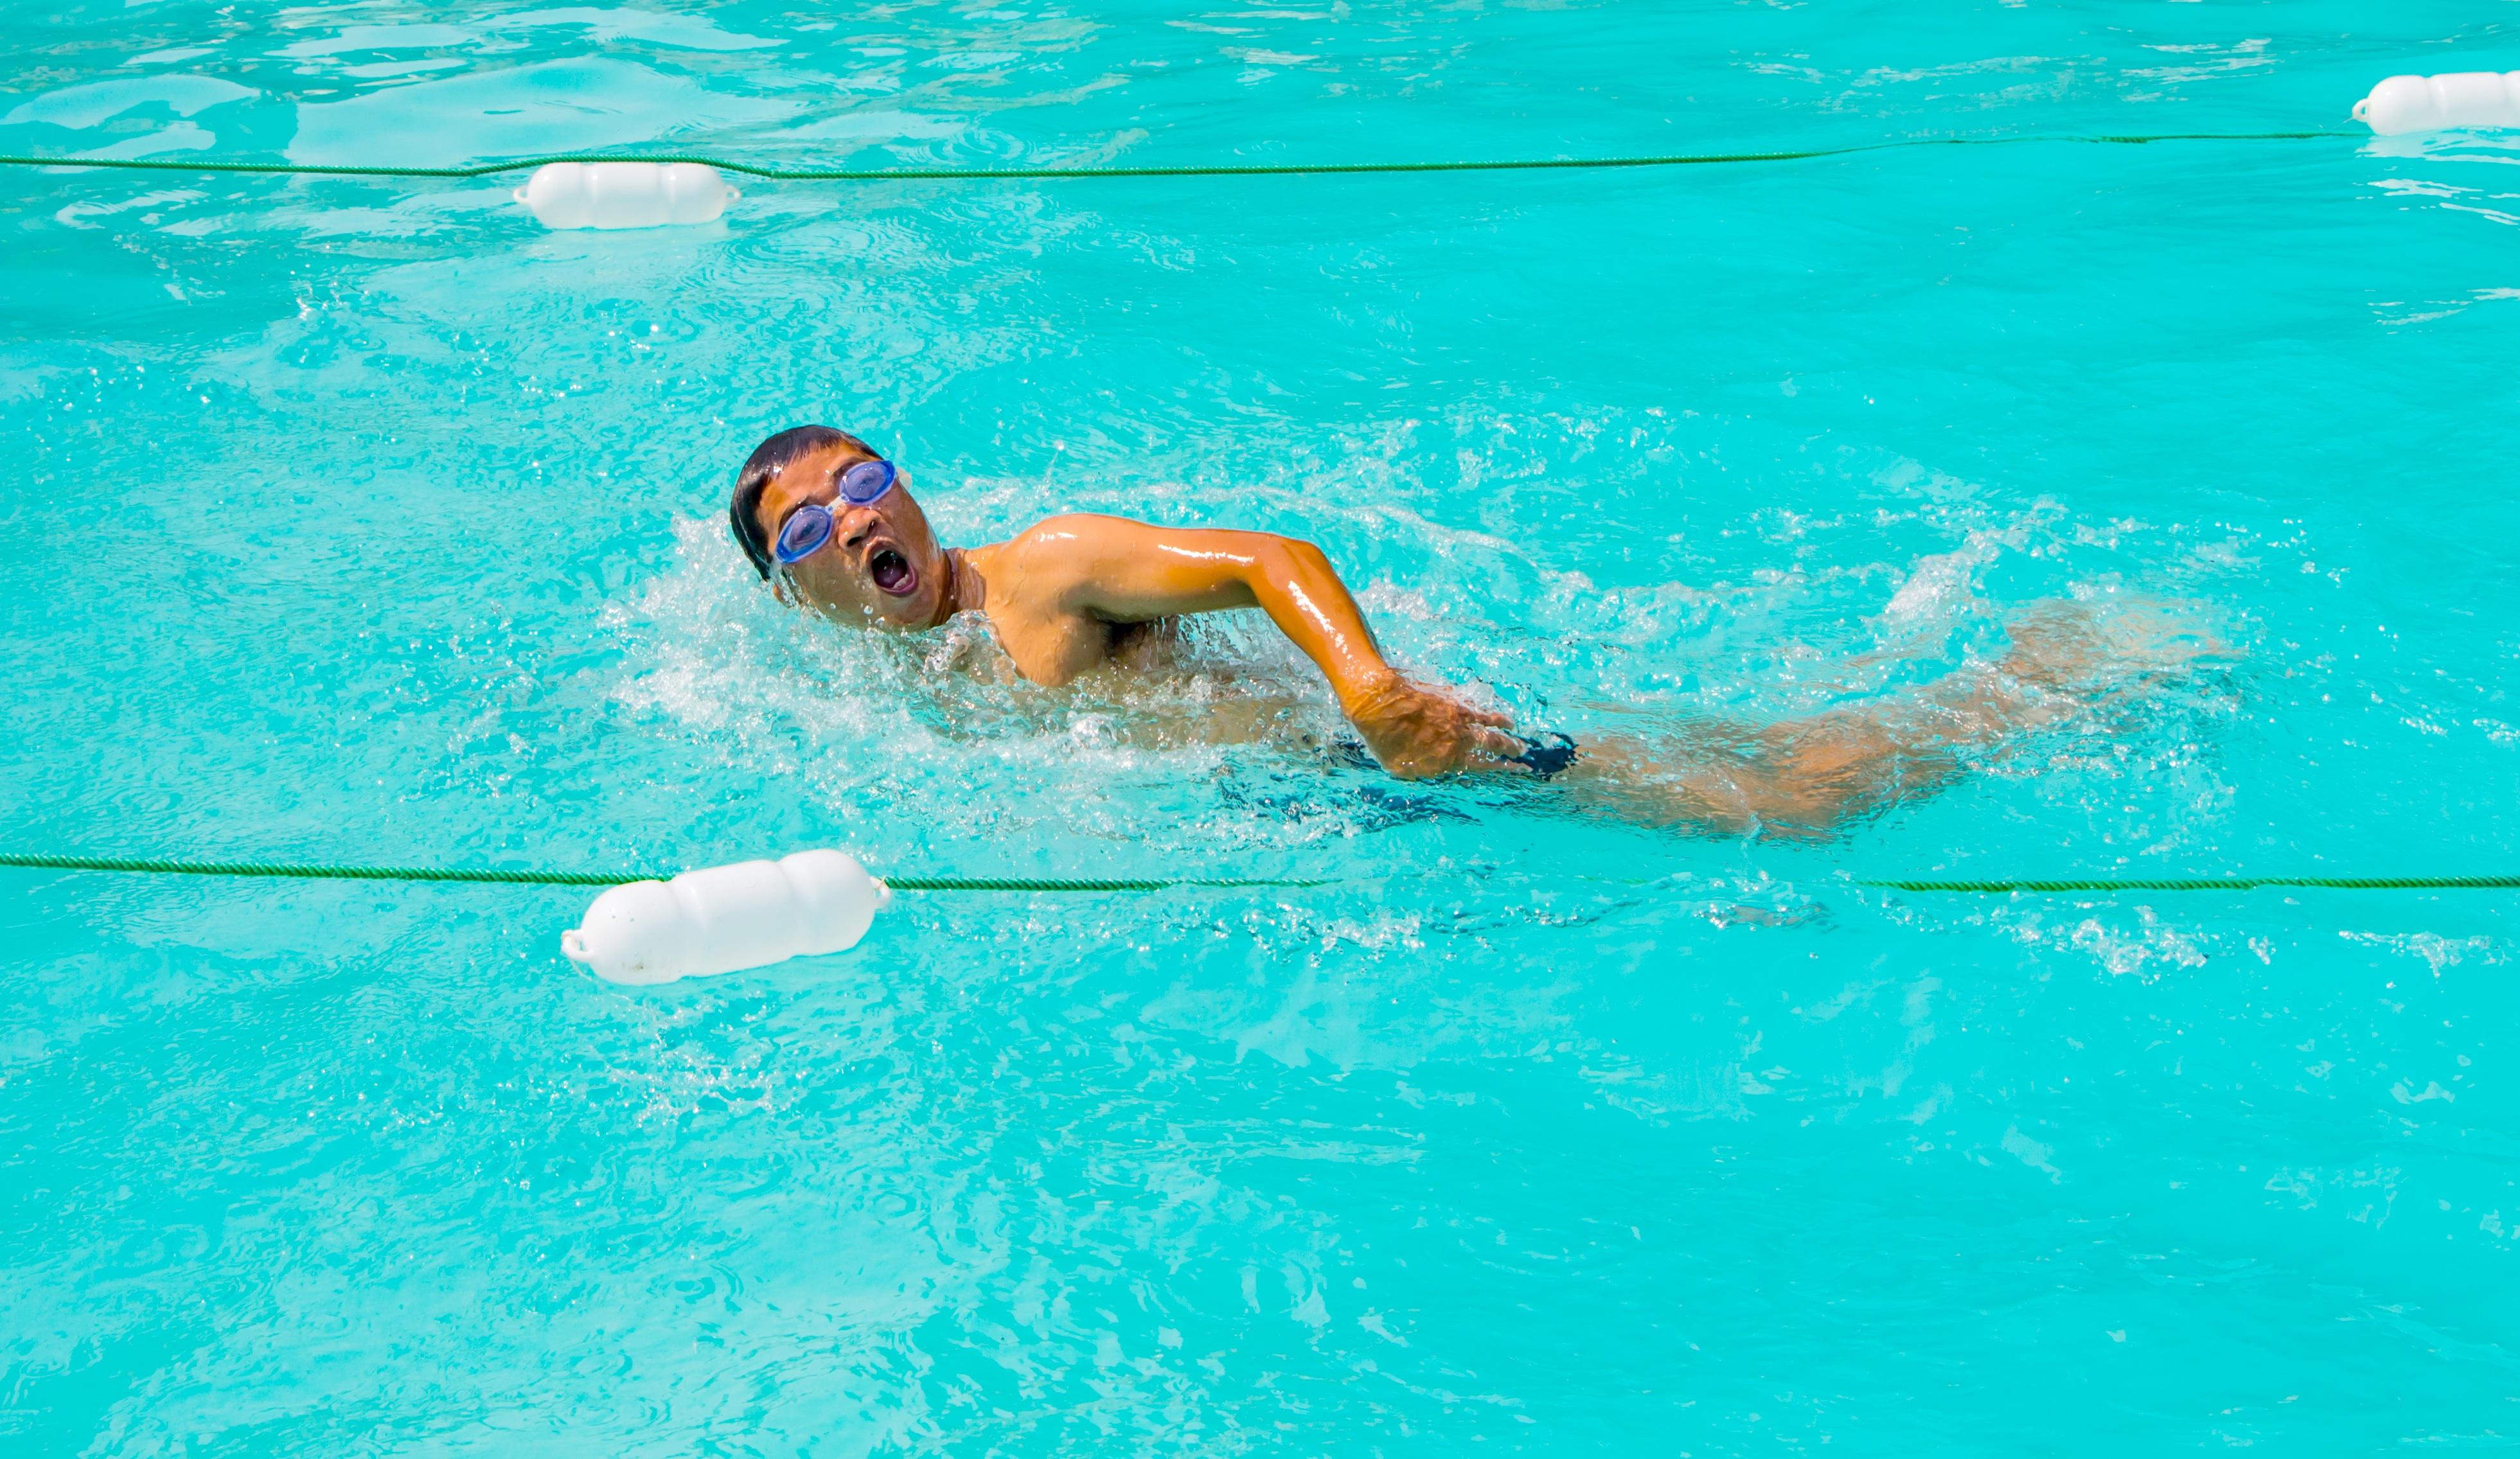 Пловец книга скачать